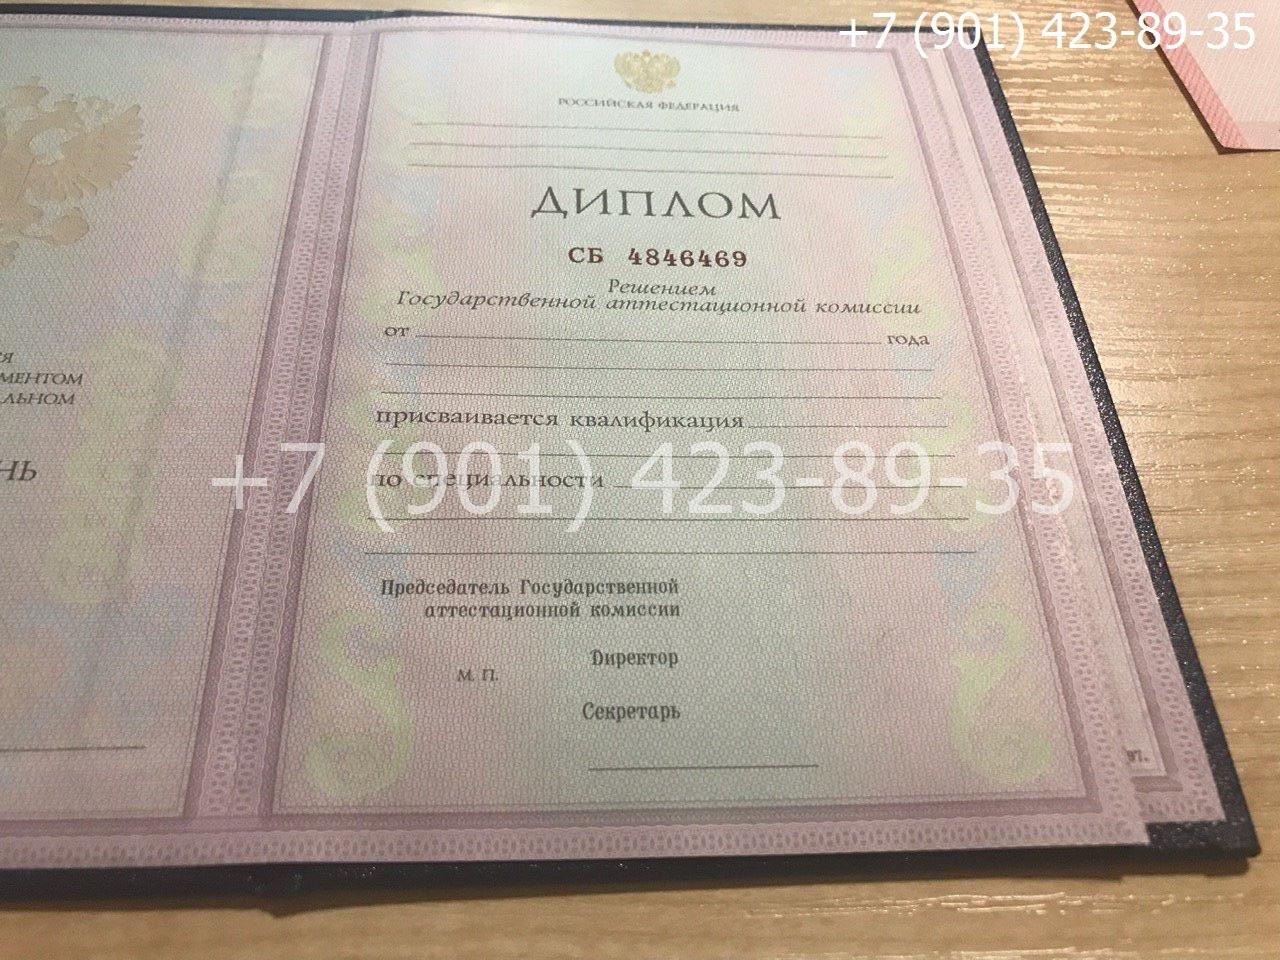 Диплом колледжа 1997-2003 годов, старого образца, титульный лист-2